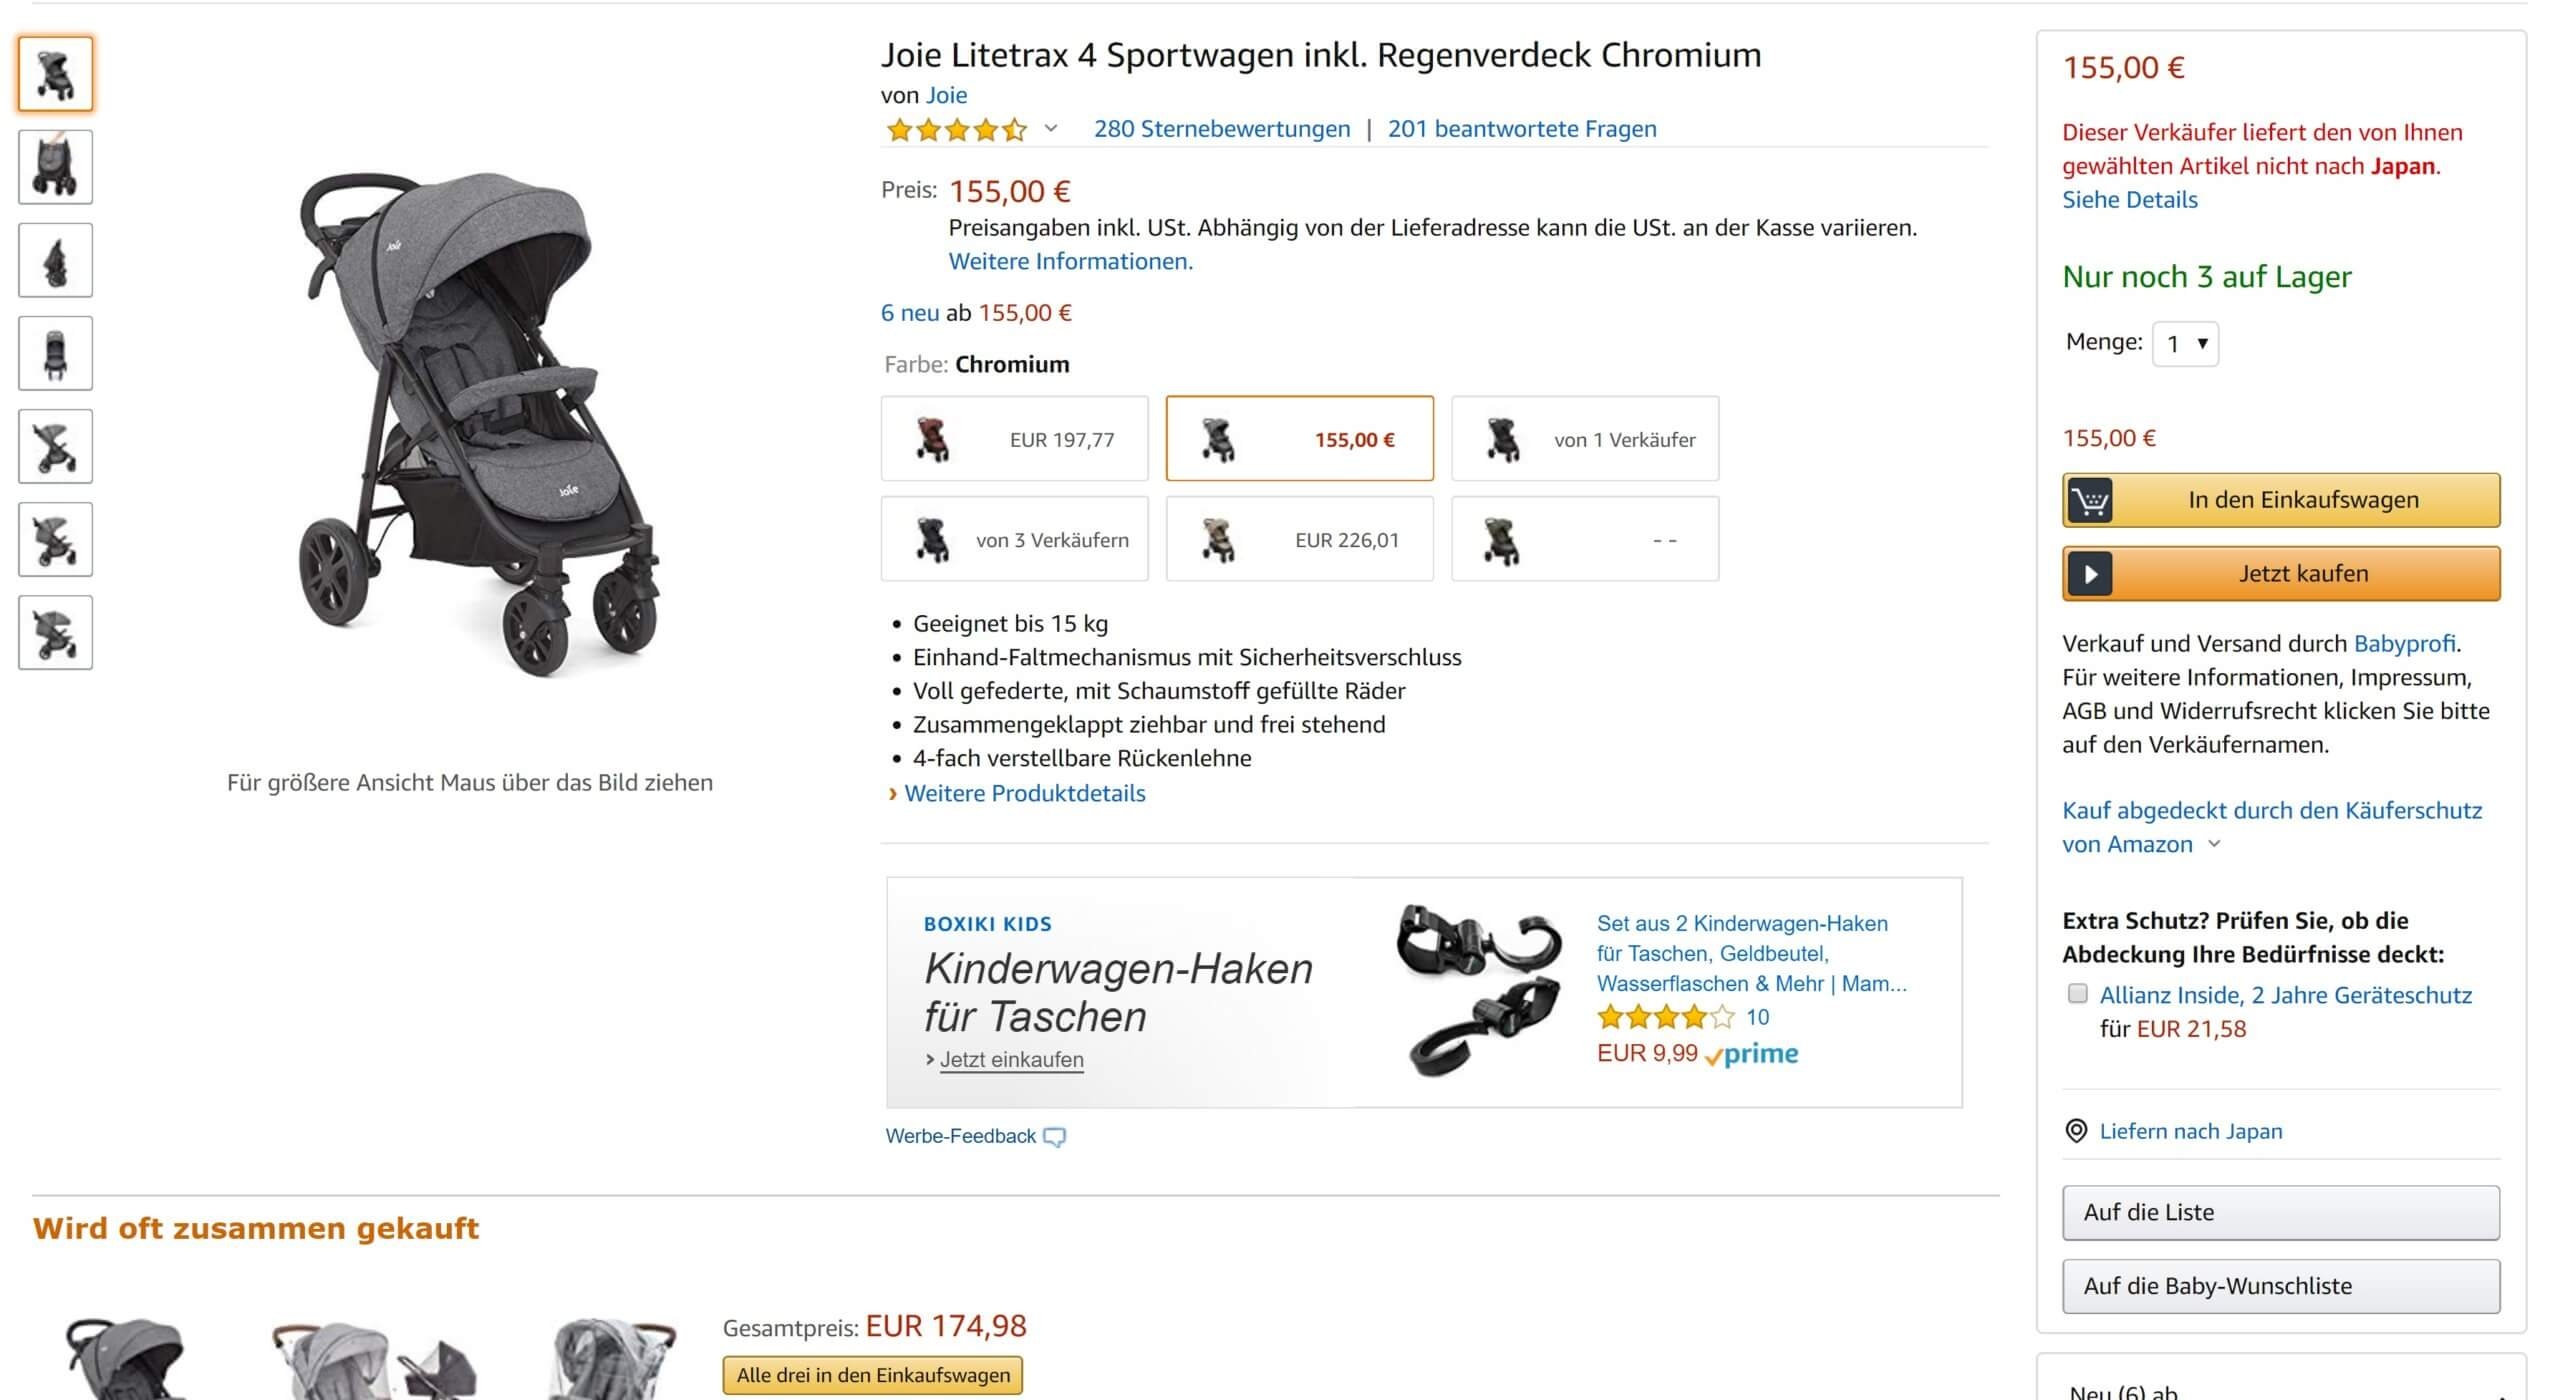 Joie Litetrax 4 Sportwagen inkl. Regenverdeck Chromium